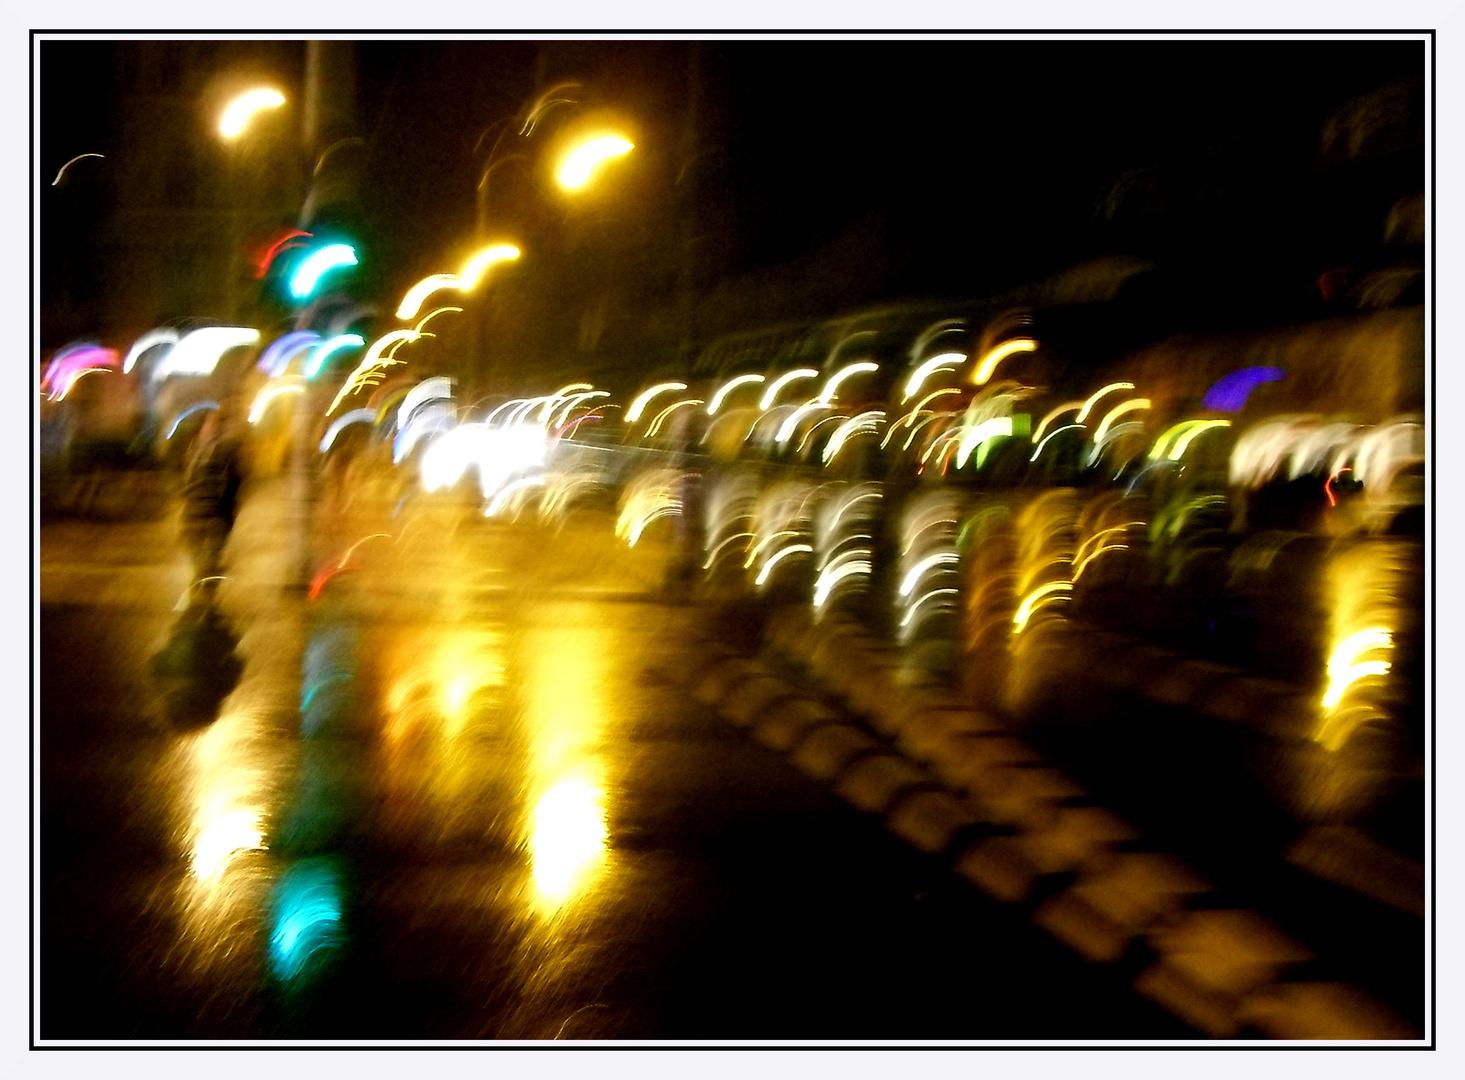 regennacht